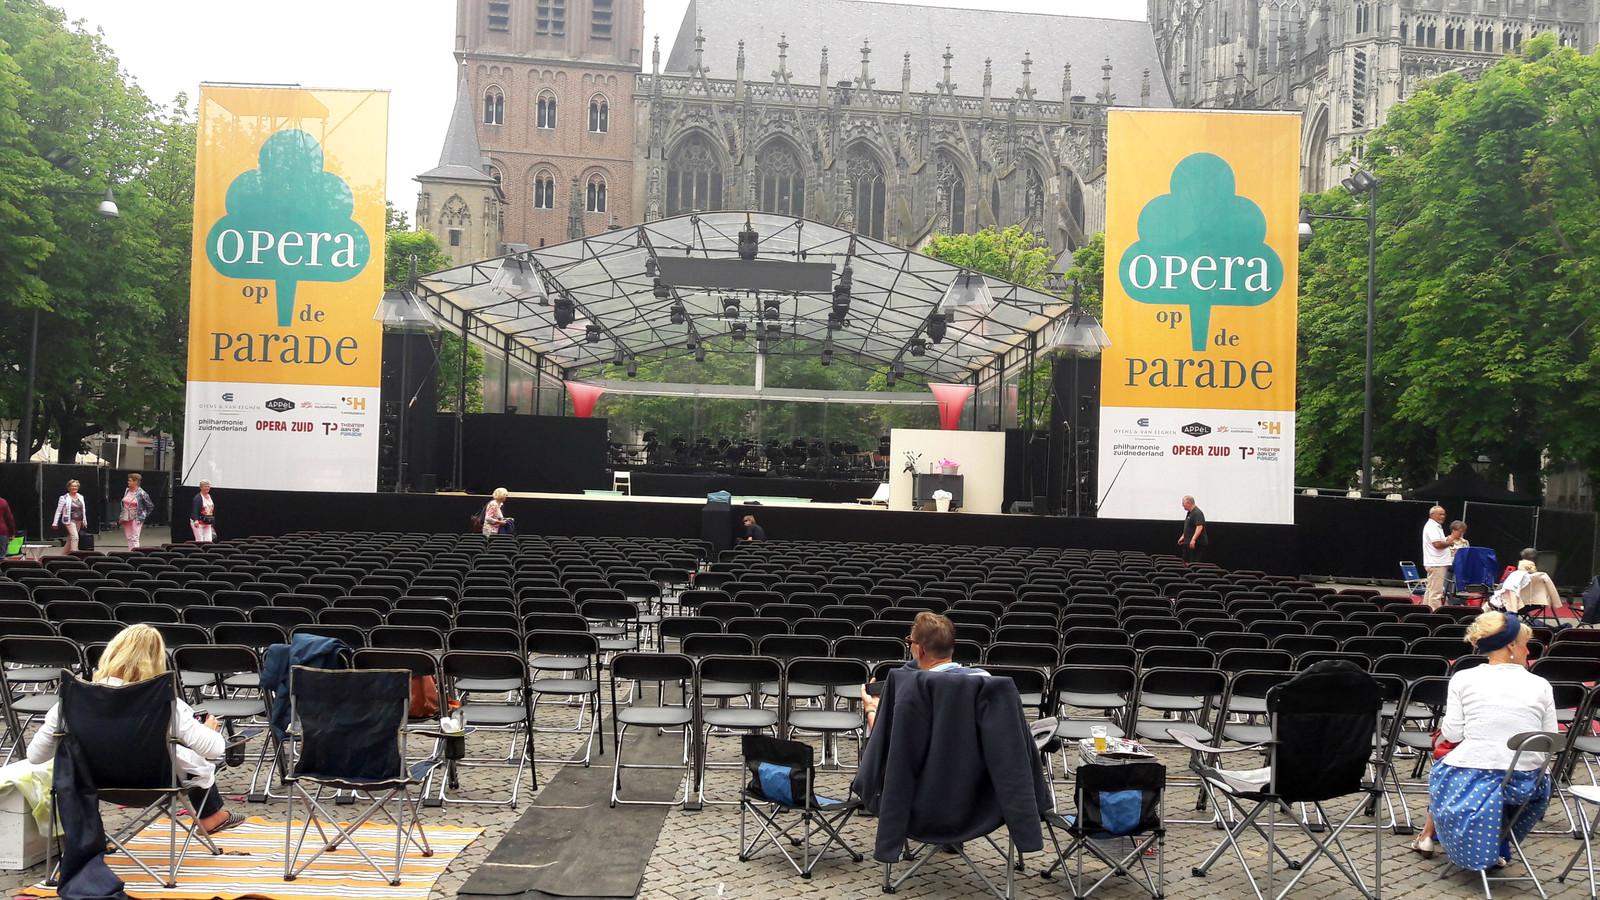 Archieffoto: de eerste mensen zitten klaar voor Opera op de Parade (2017).